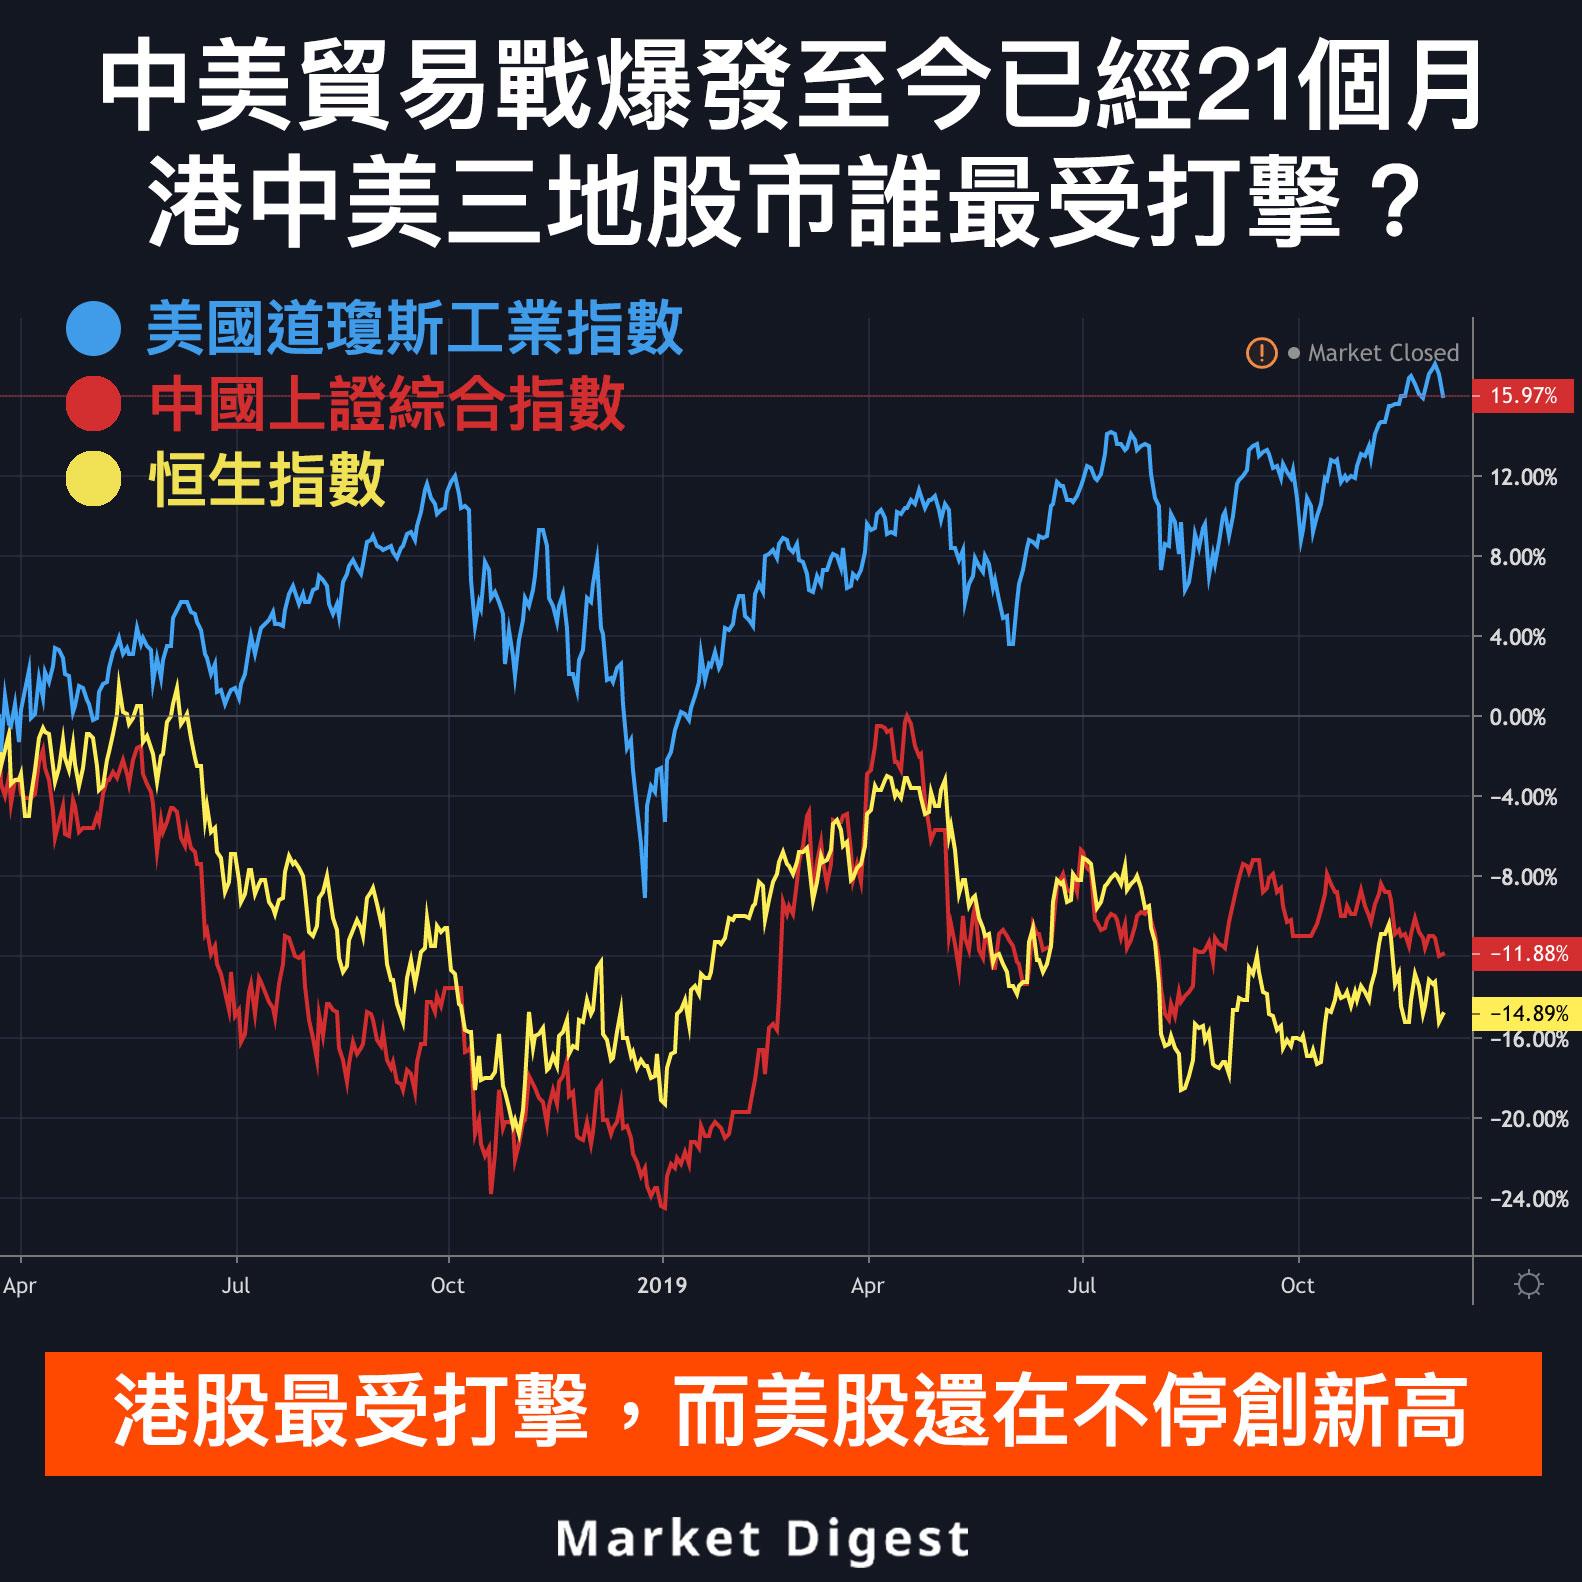 【圖解股市】中美貿易戰爆發至今已經21個月,港中美三地股市誰最受打擊?